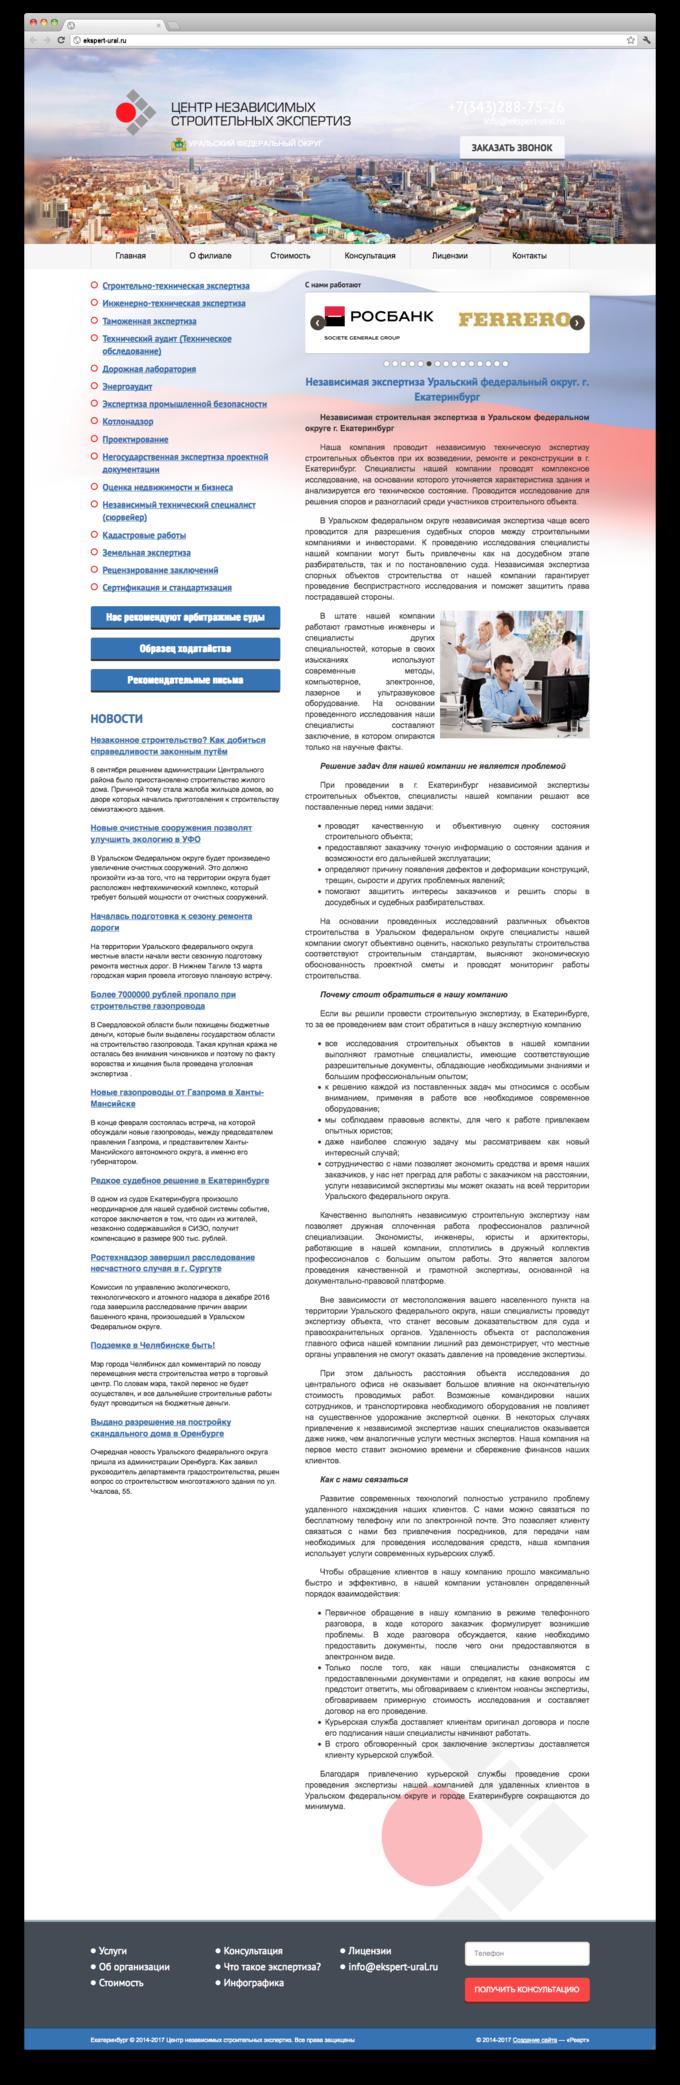 Независимая экспертиза Уральский федеральный округ